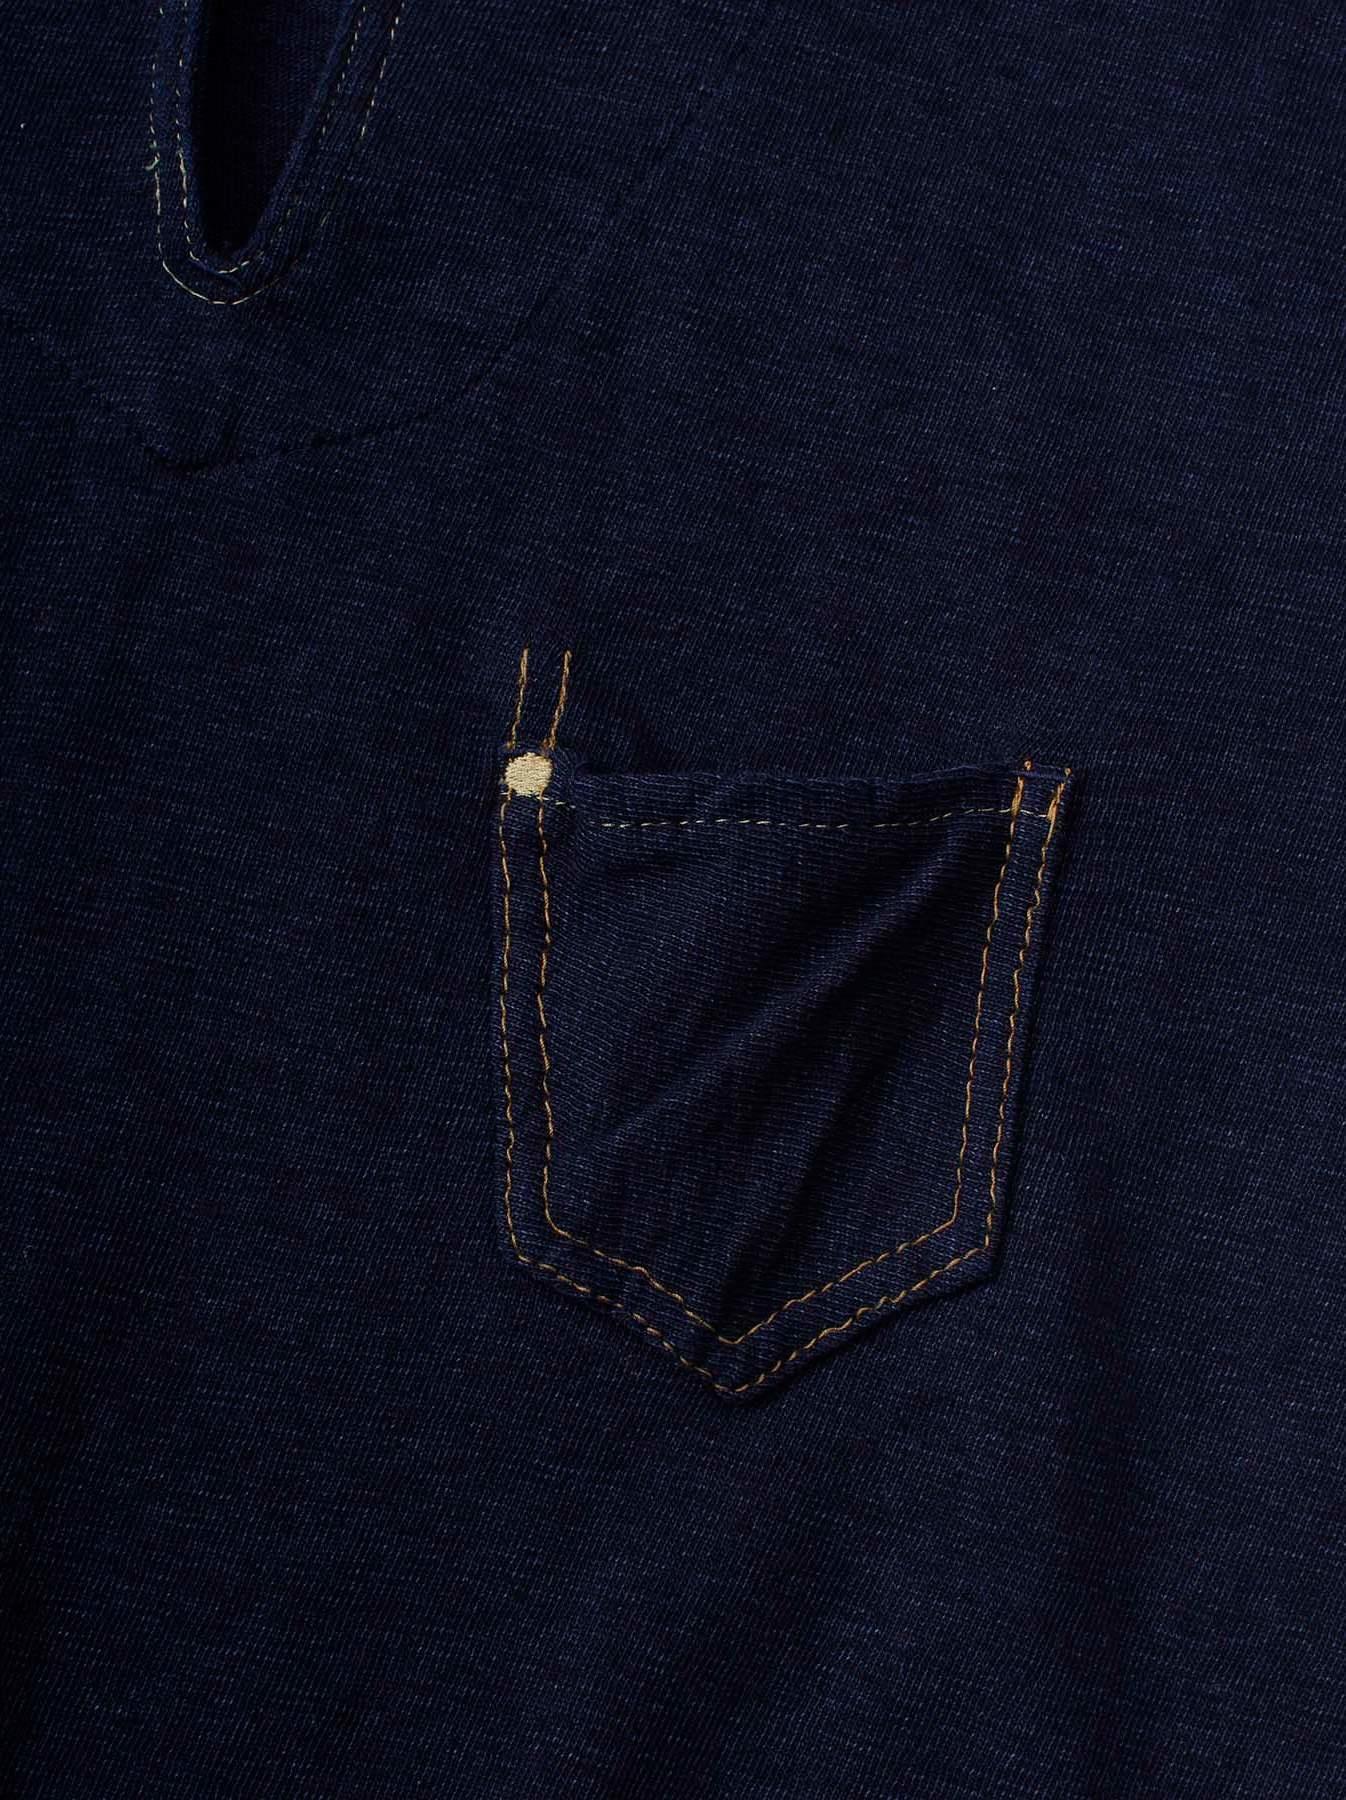 WH Indigo Plating Tenjiku Polo Shirt-7